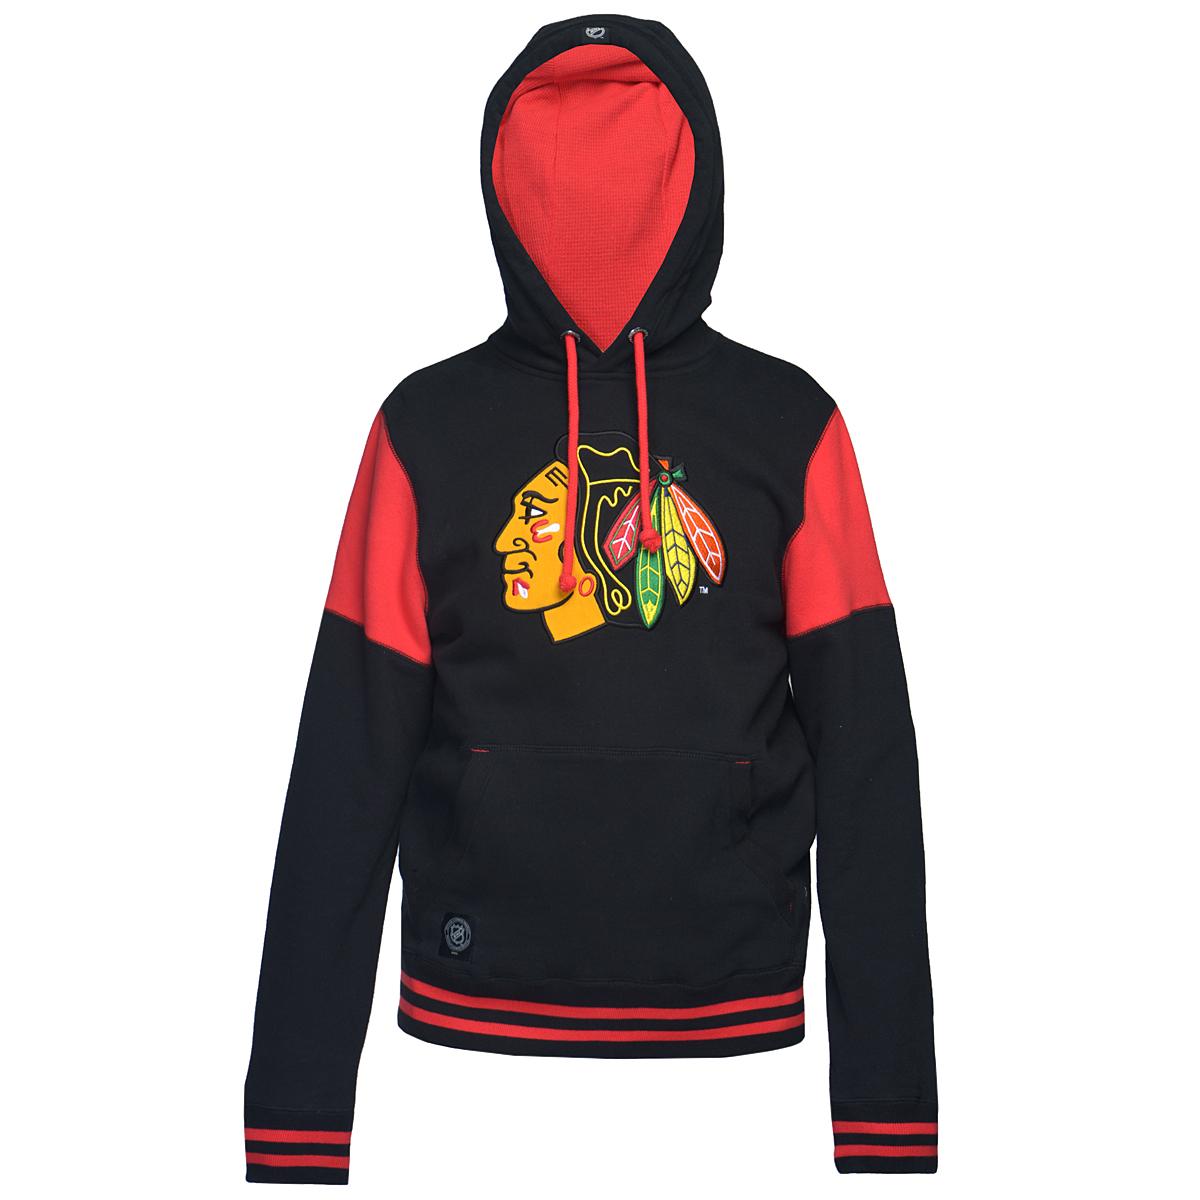 Толстовка мужская Chicago Blackhawks. 3503035040Теплая толстовка NHL Chicago Blackhawks, изготовленная из высококачественного хлопкового материала, необычайно мягкая и приятная на ощупь, не сковывает движения, обеспечивая наибольший комфорт. Толстовка с капюшоном на кулиске спереди имеет вместительный карман кенгуру. На груди оформлена вышивкой в виде эмблемы хоккейного клуба Chicago Blackhawks. Толстовка имеет широкую мягкую резинку по низу, что предотвращает проникновение холодного воздуха, и длинные рукава с широкими эластичными манжетами, не стягивающими запястья. Эта модная и в тоже время комфортная толстовка отличный вариант как для активного отдыха, так и для занятий спортом!